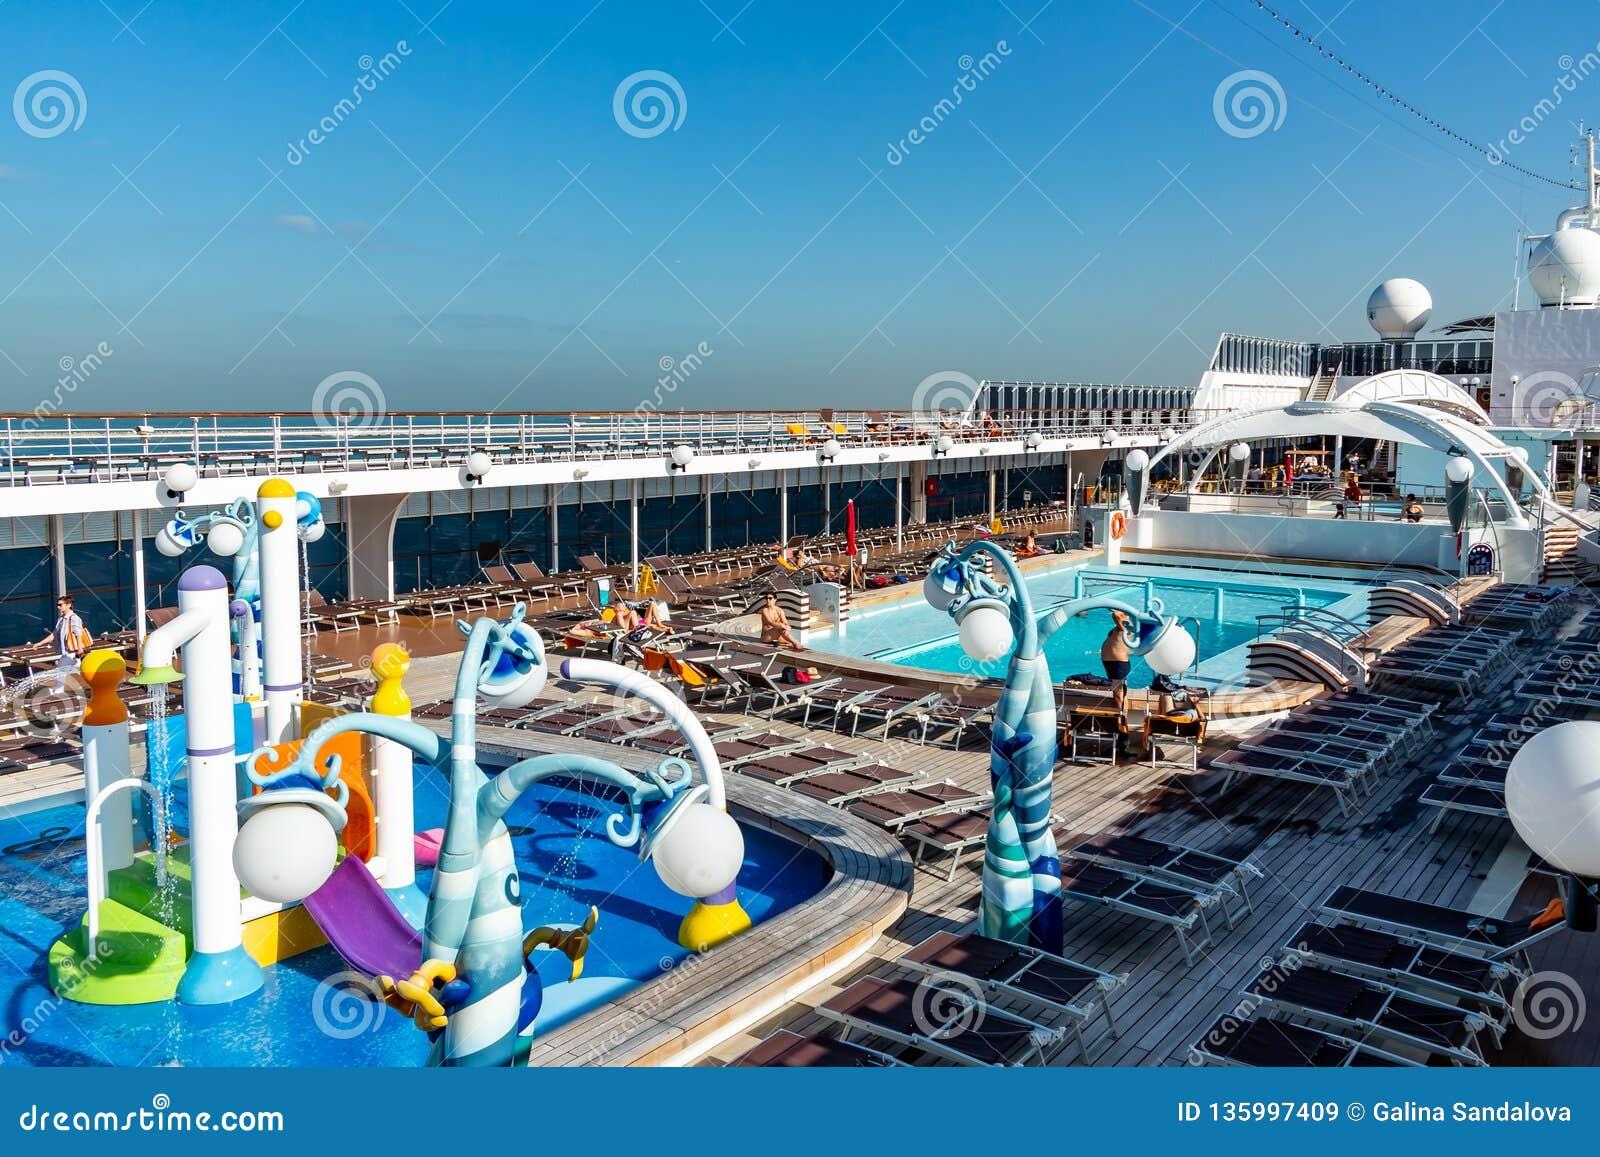 Dubai, United Arab Emirates - 12 de diciembre de 2018: cubierta superior del barco de cruceros con la piscina y los pasajeros de